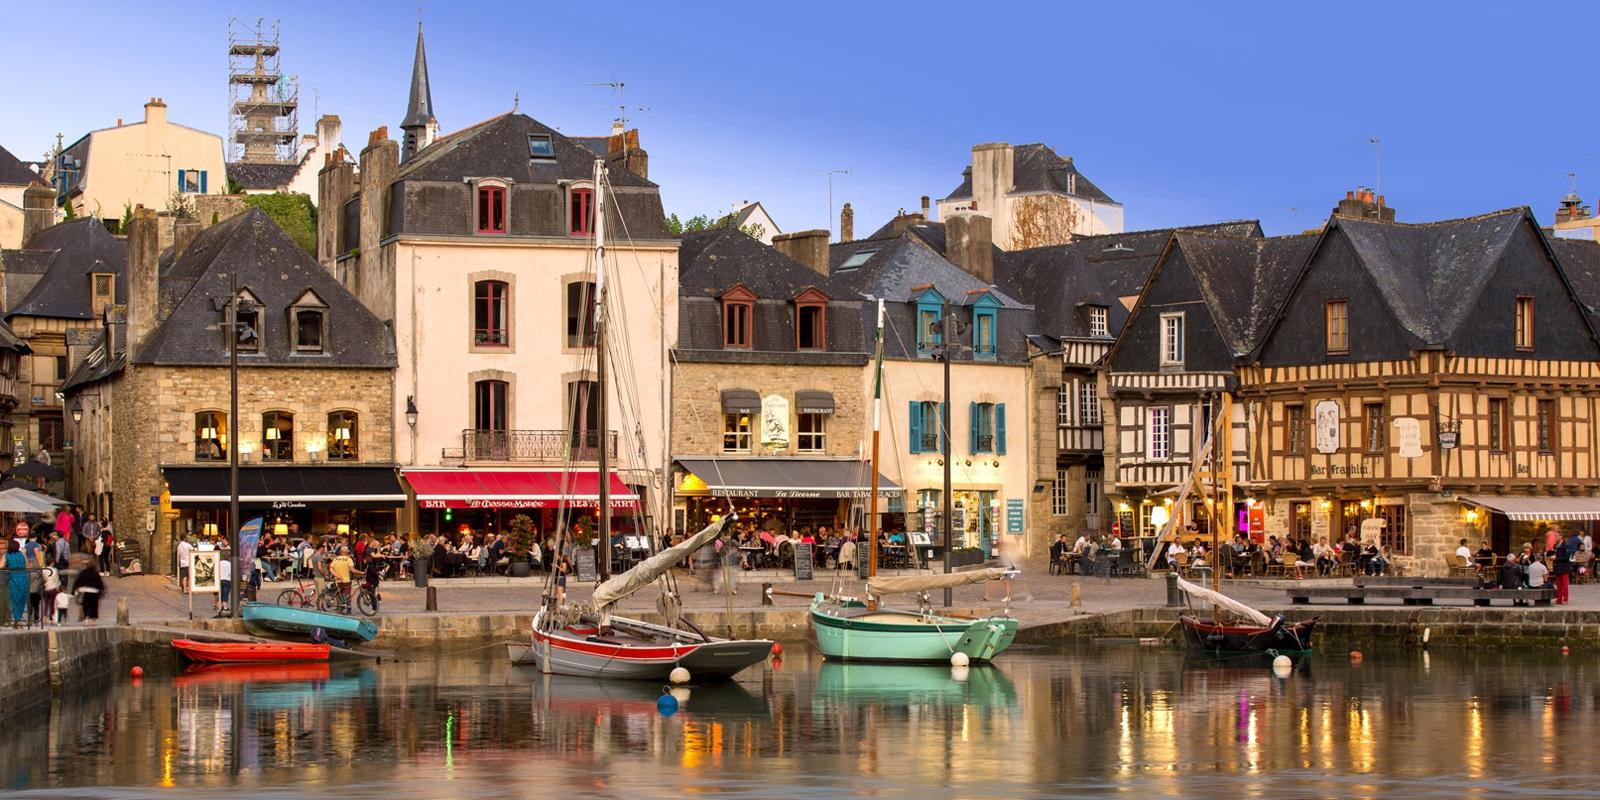 Le port de Saint-Goustan à Auray copyright Simon BOURCIER - Morbihan Tourisme